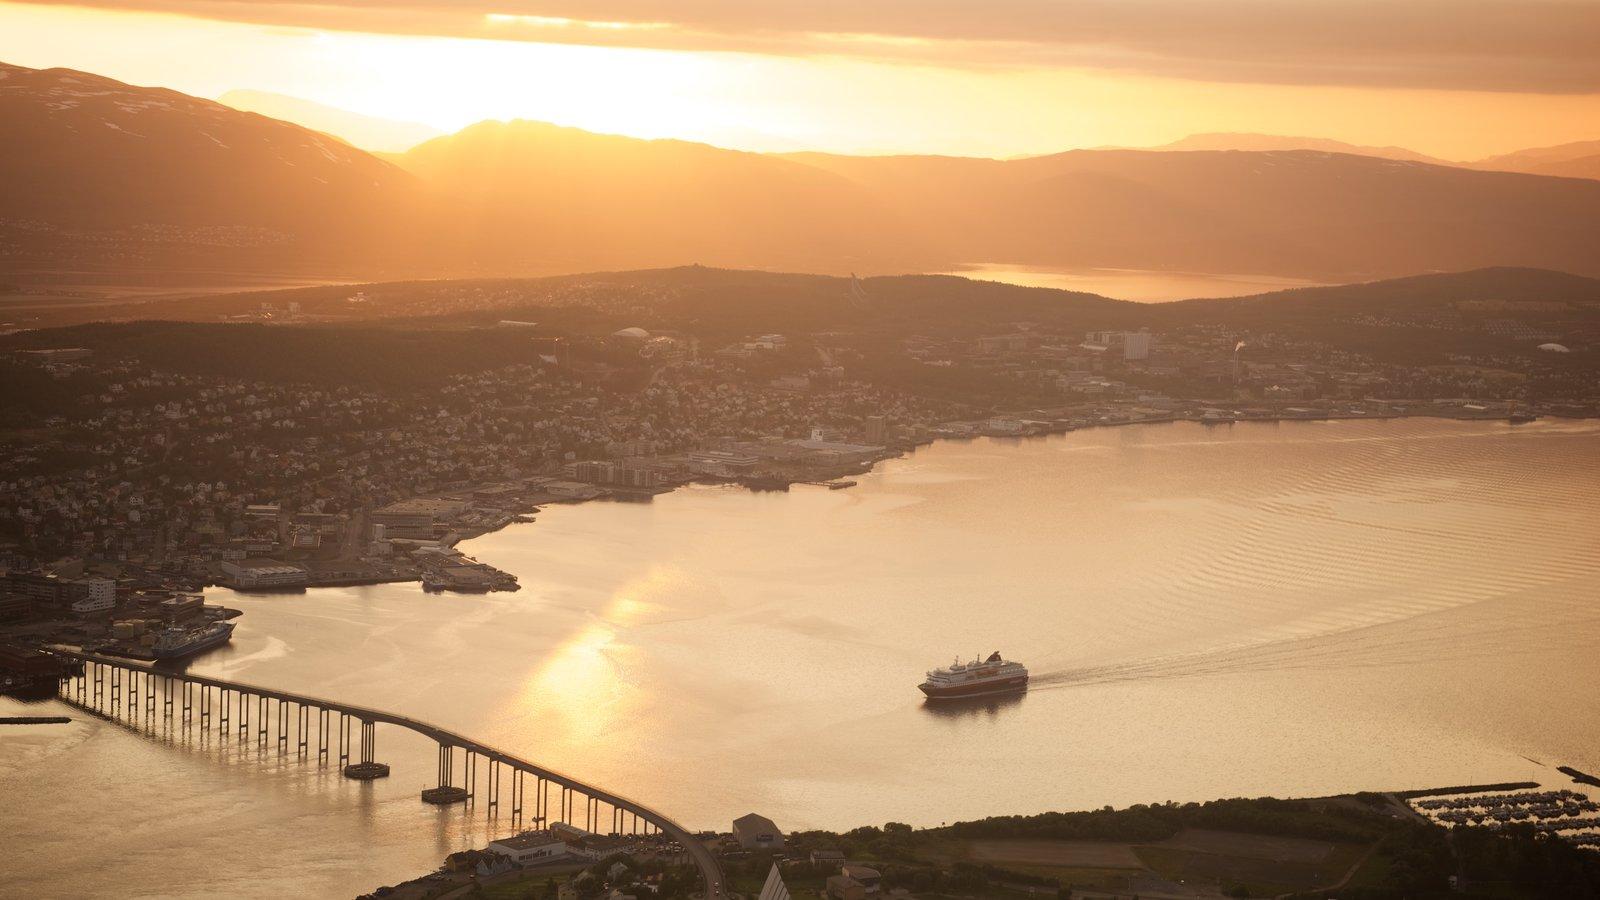 Tromso mostrando uma cidade pequena ou vila, um pôr do sol e um lago ou charco